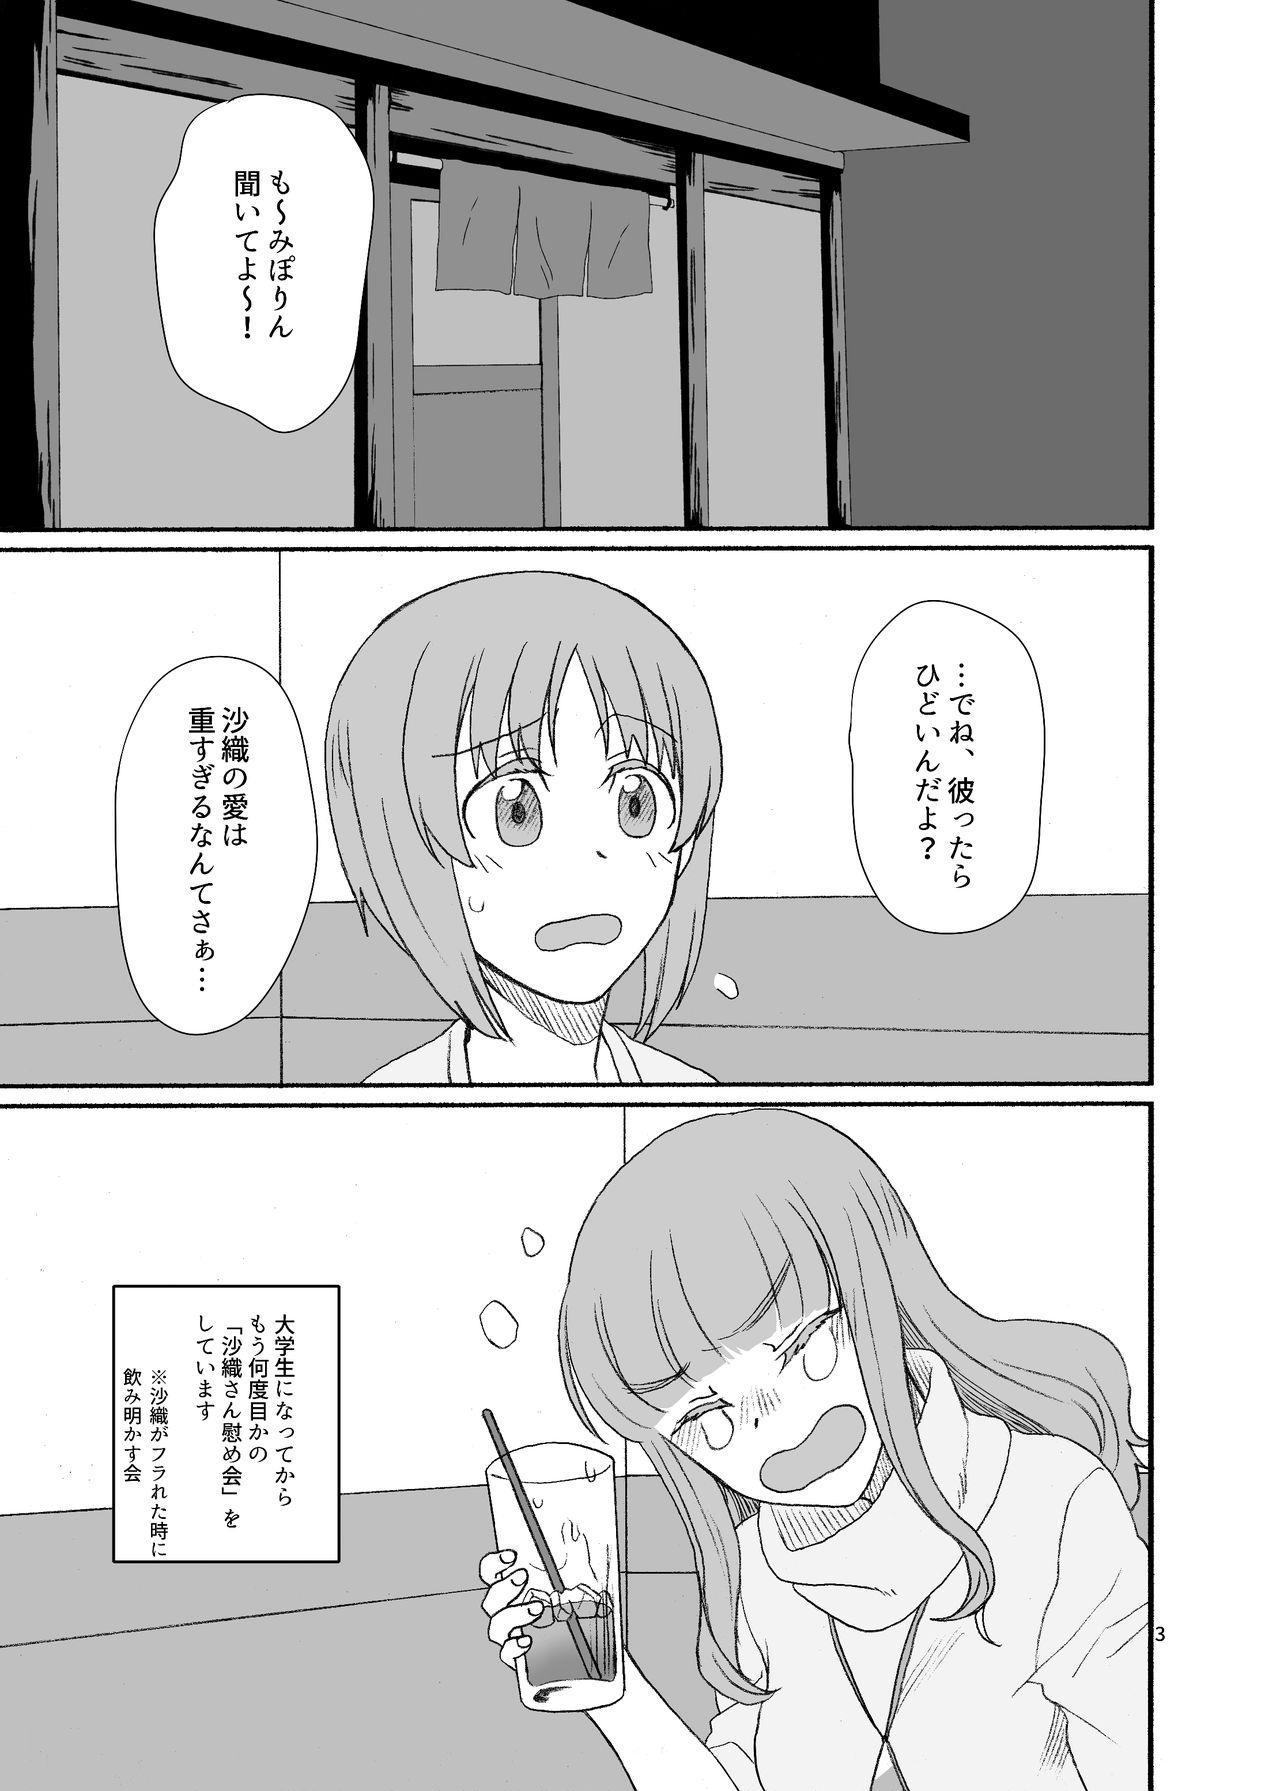 Saori-san, Tsukiatte Kudasai! 1